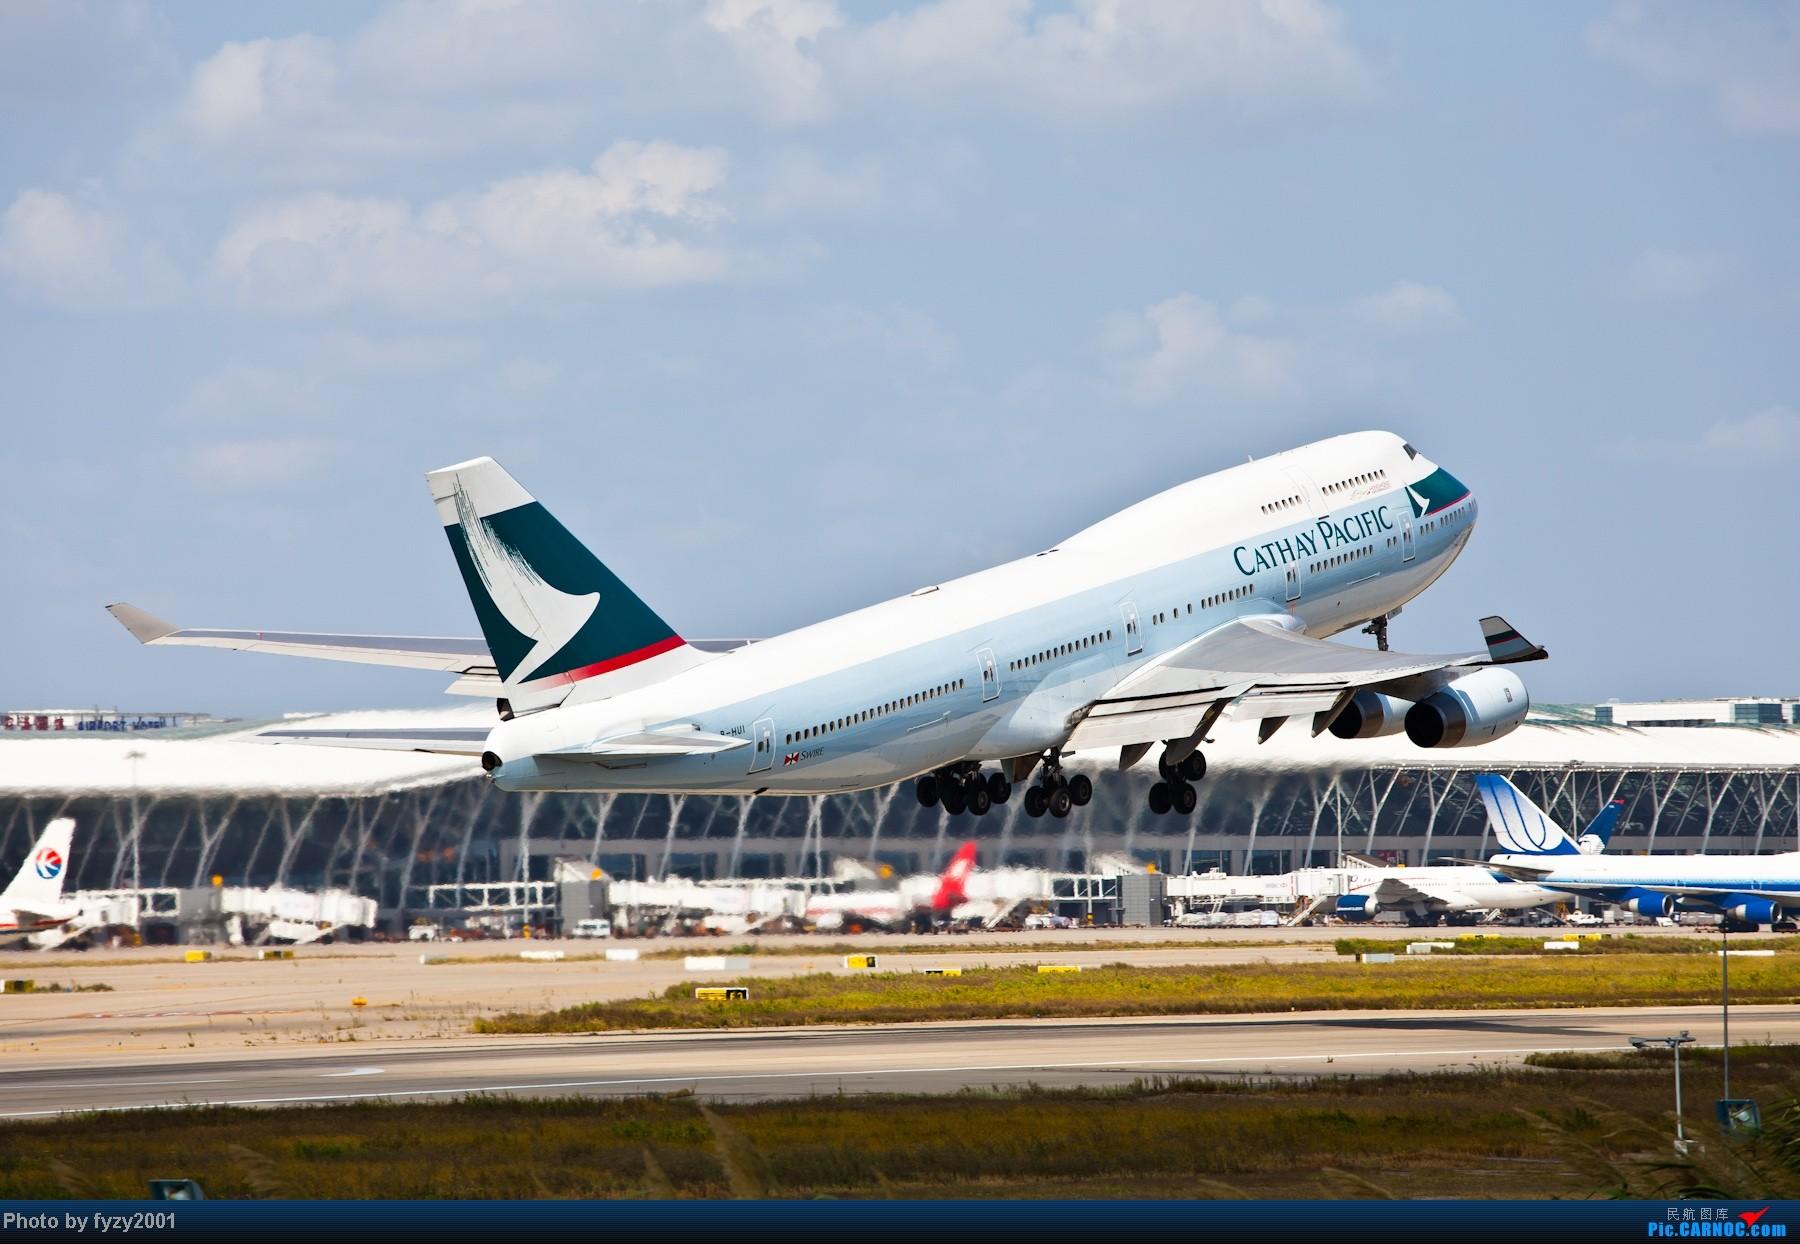 Re:[原创][无锡西站]长假PVG蹲守~~~~只发大图,多图杀猫~~~~ BOEING 747-400 B-HUL 中国上海浦东机场